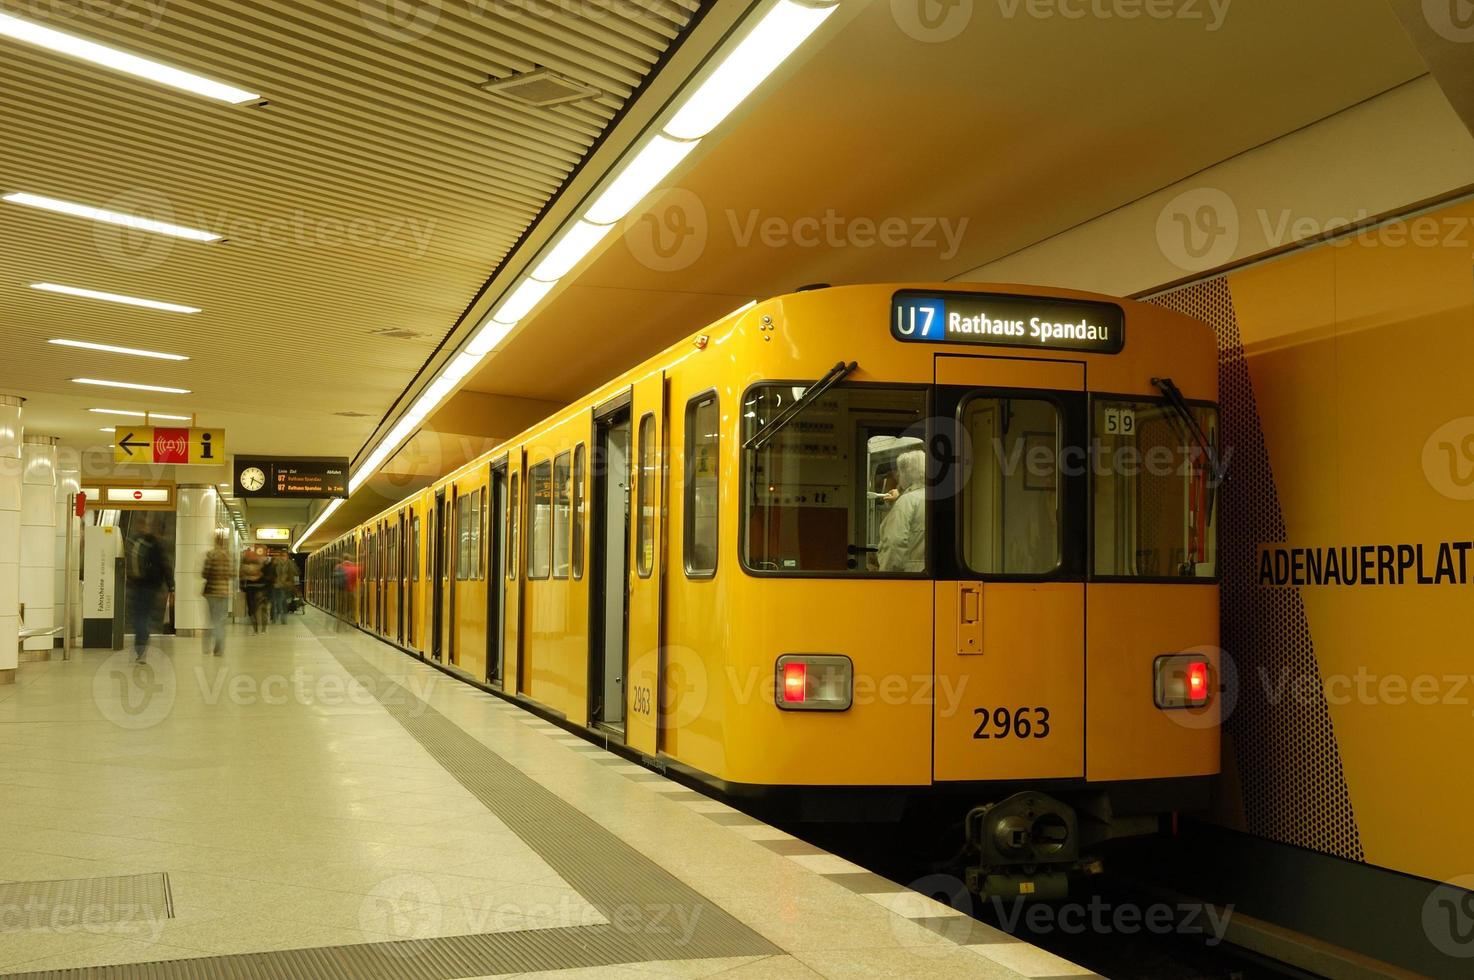 treno nella stazione della metropolitana foto